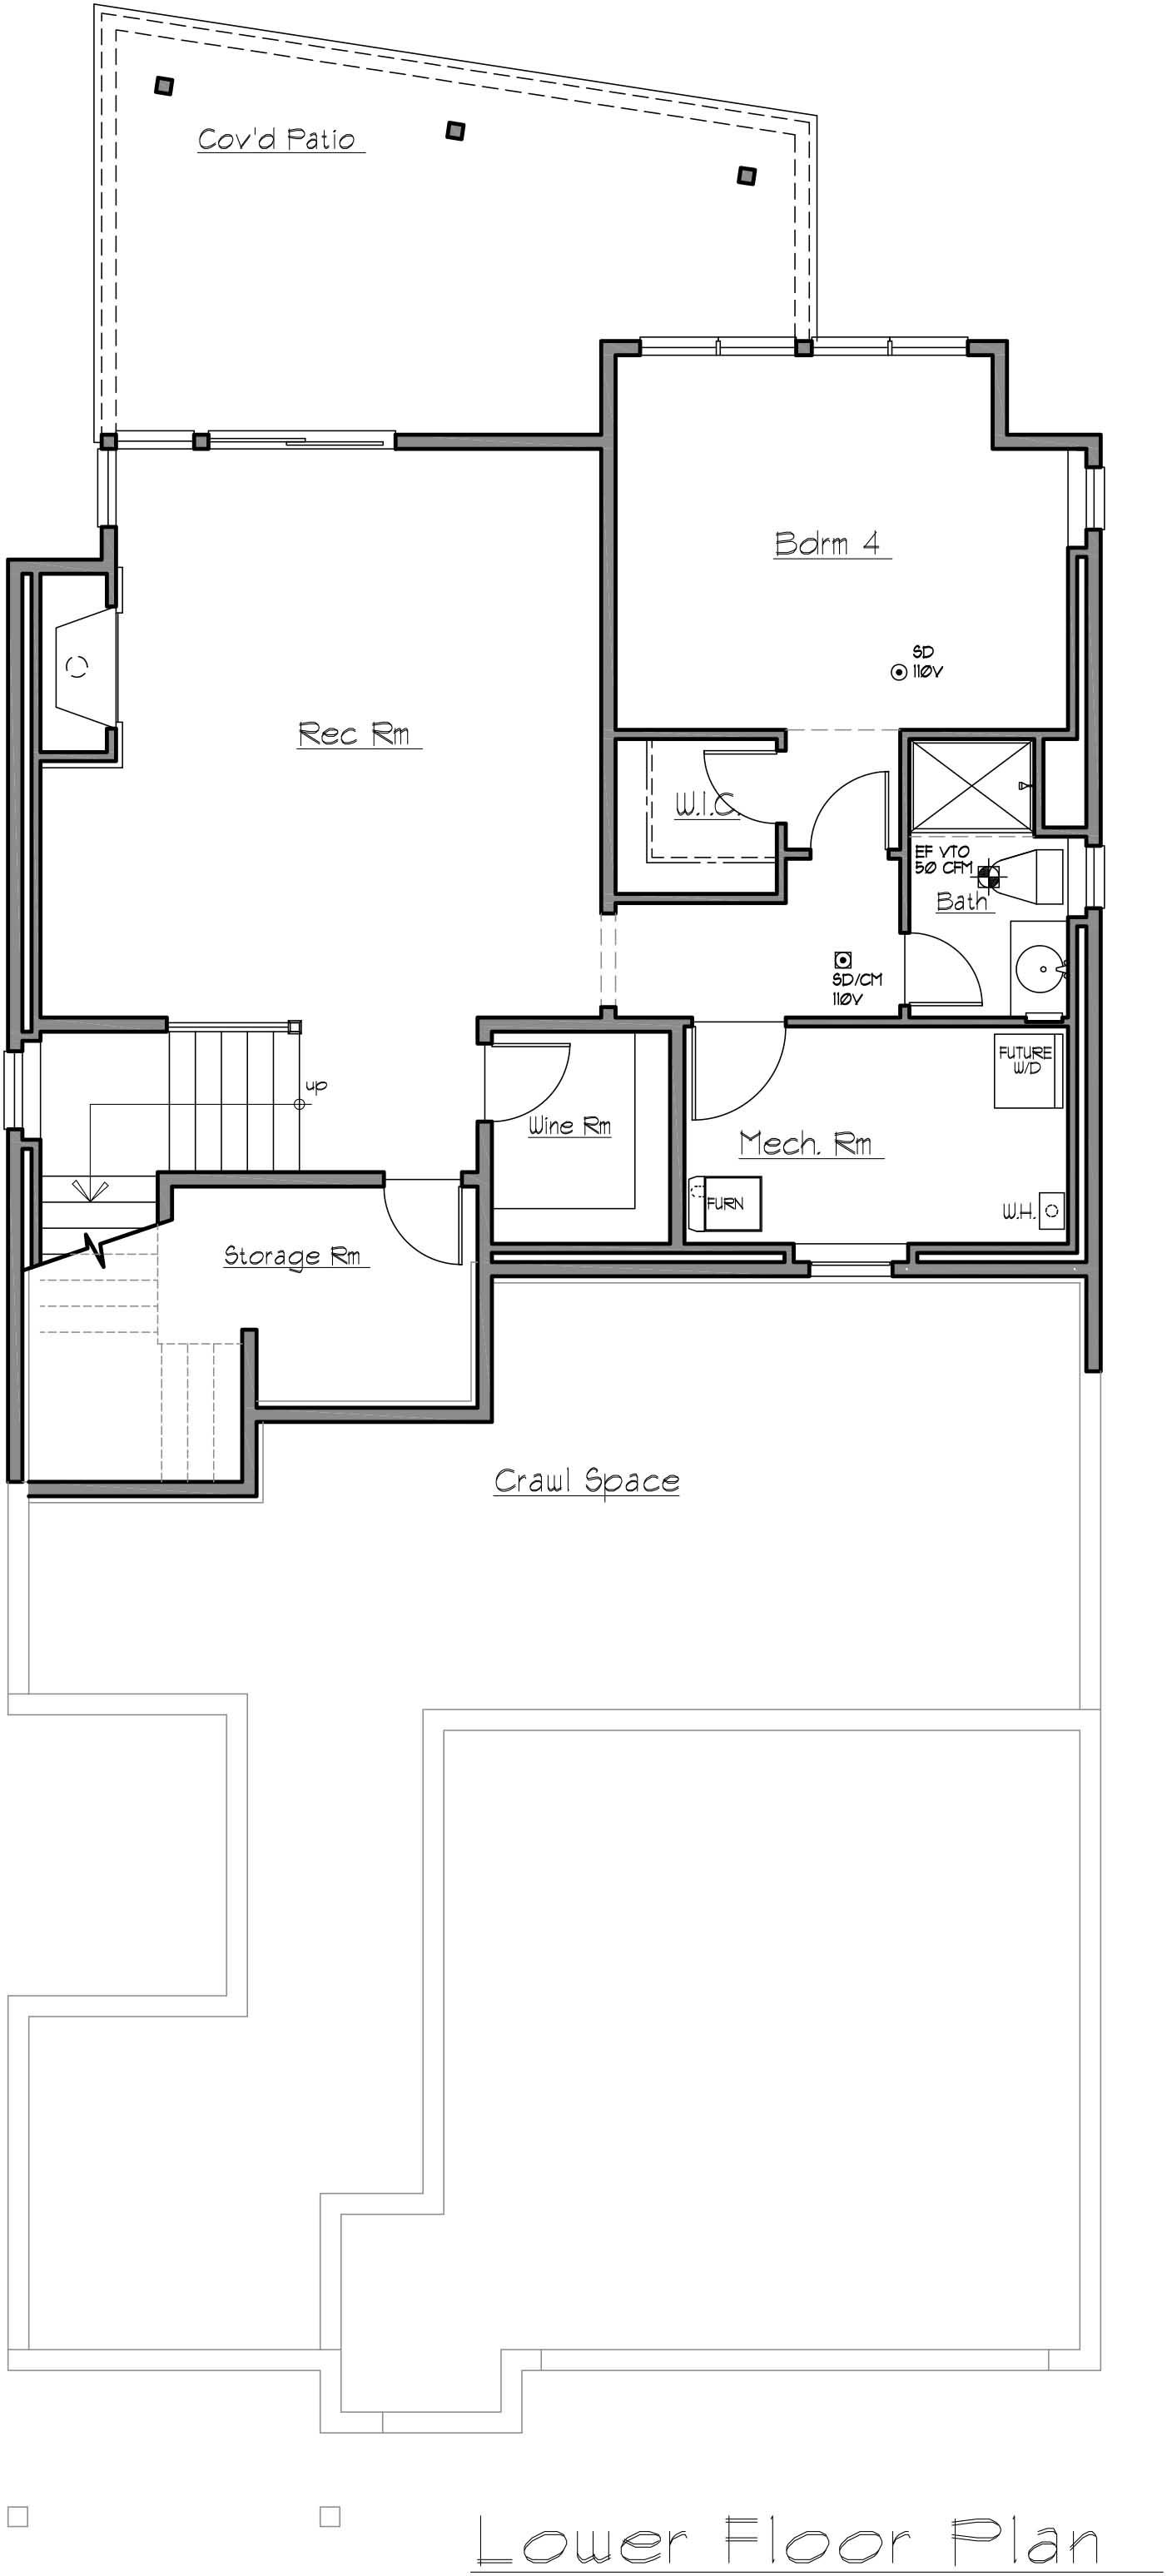 5604-Plan-REVISED-l1D50EEF.jpg